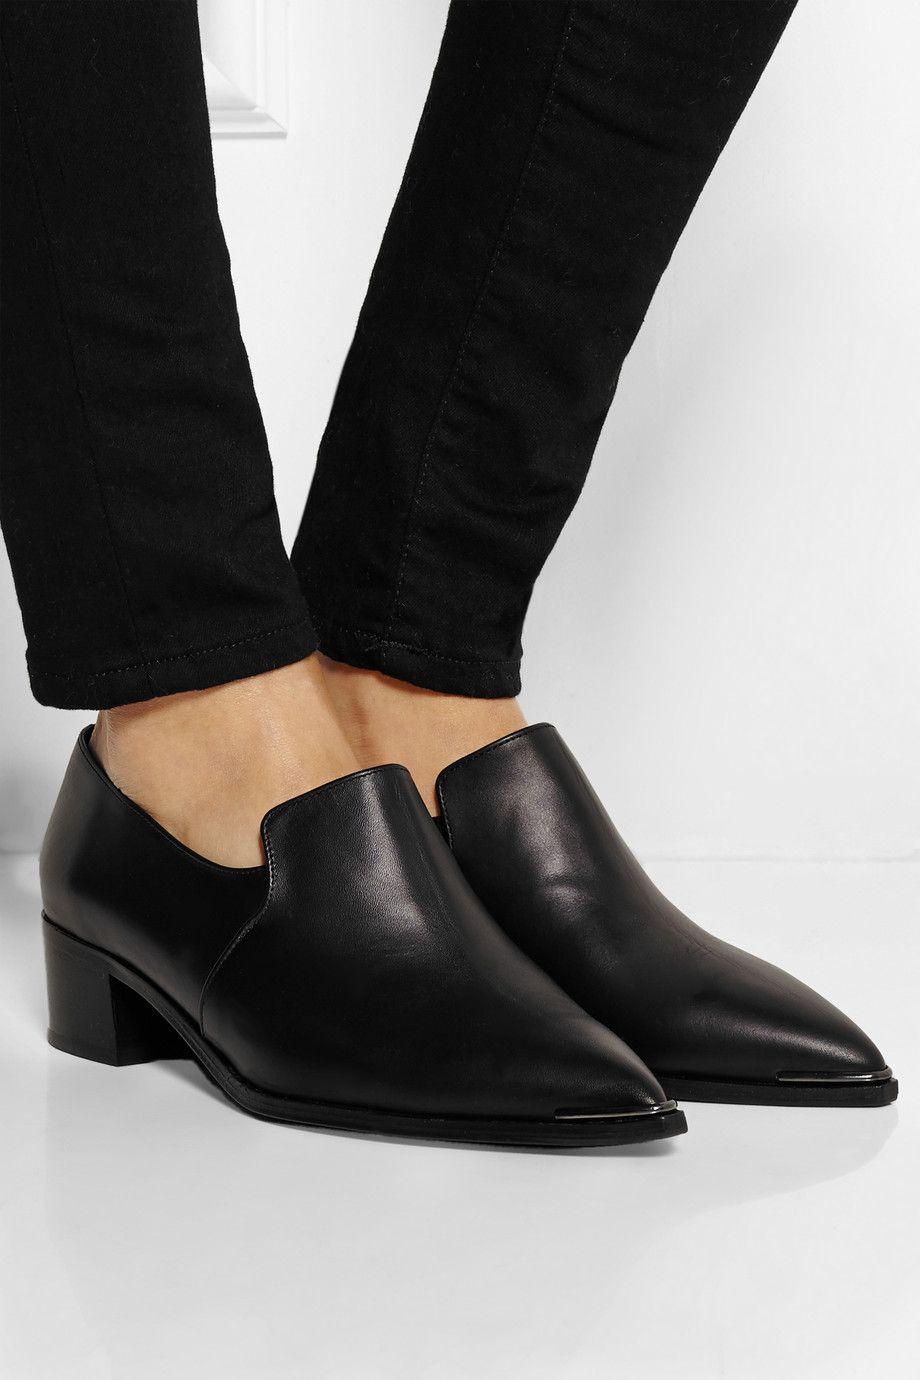 Negros y en punta olga Negro Zapatos y y Zapatos Botas 215774